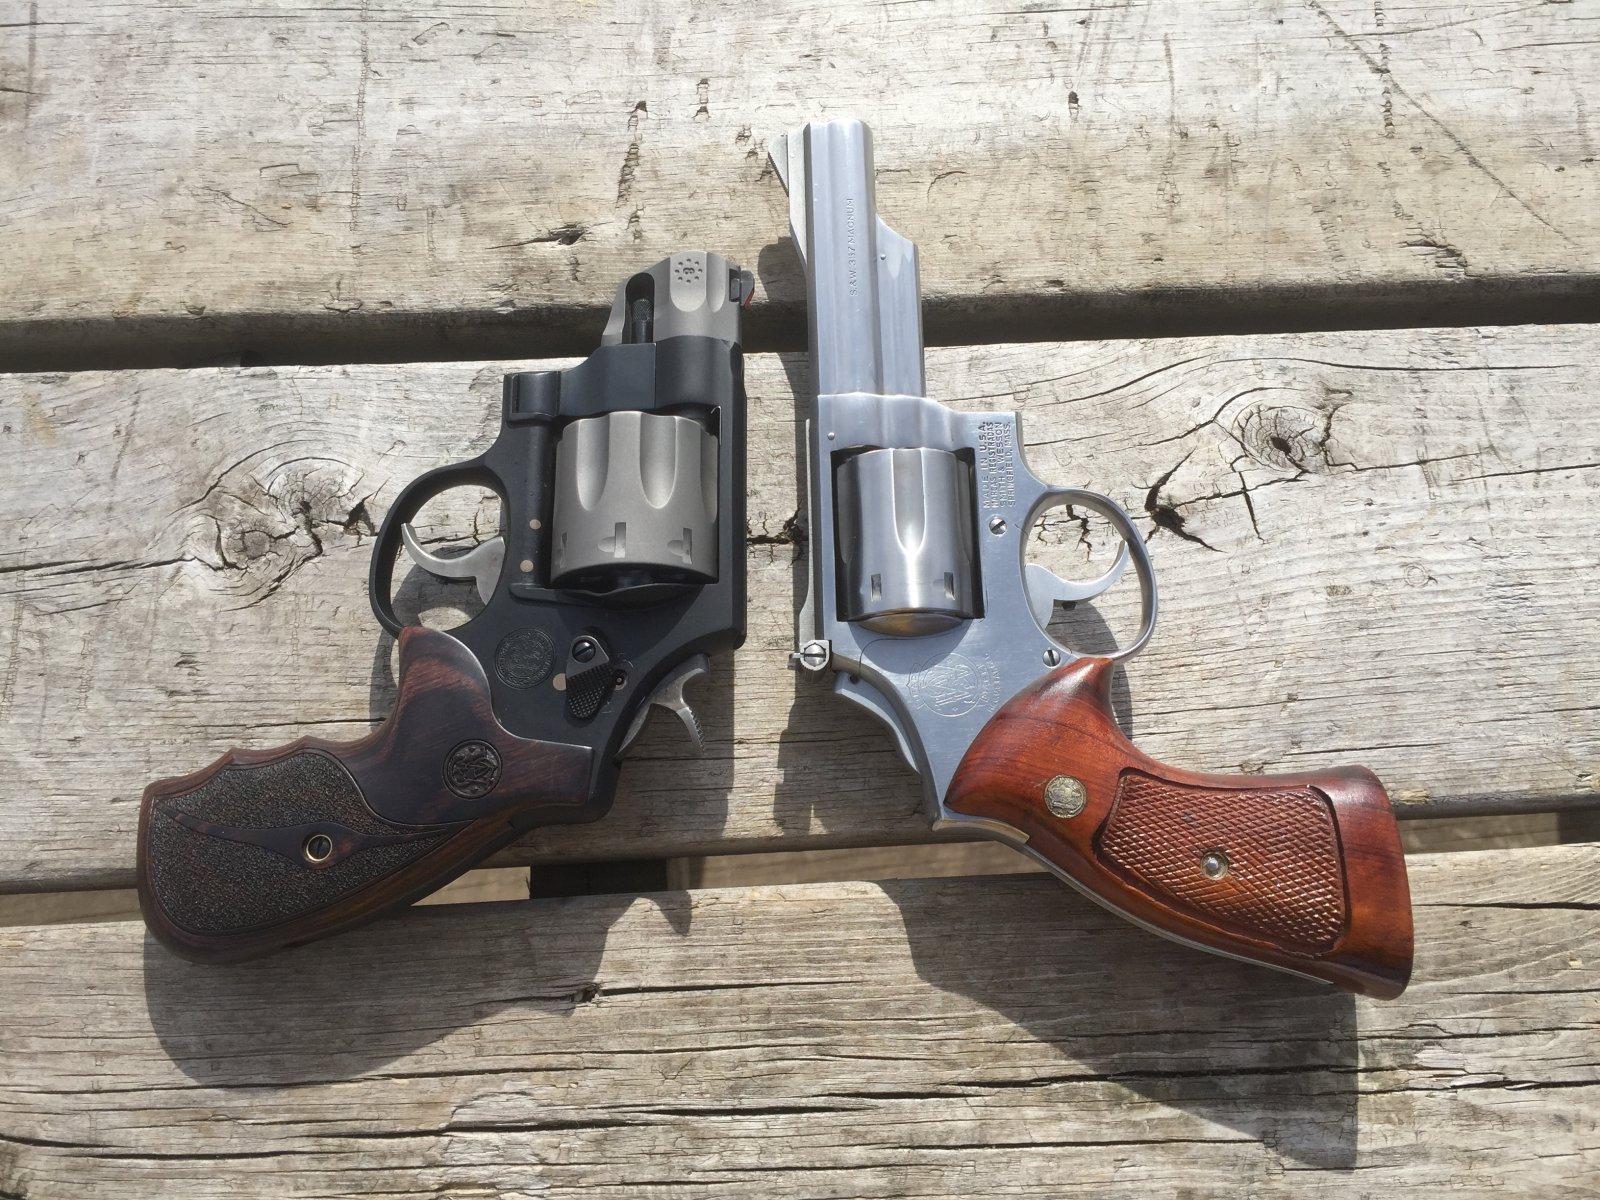 фото последних револьверов целях обеспечения полноценного